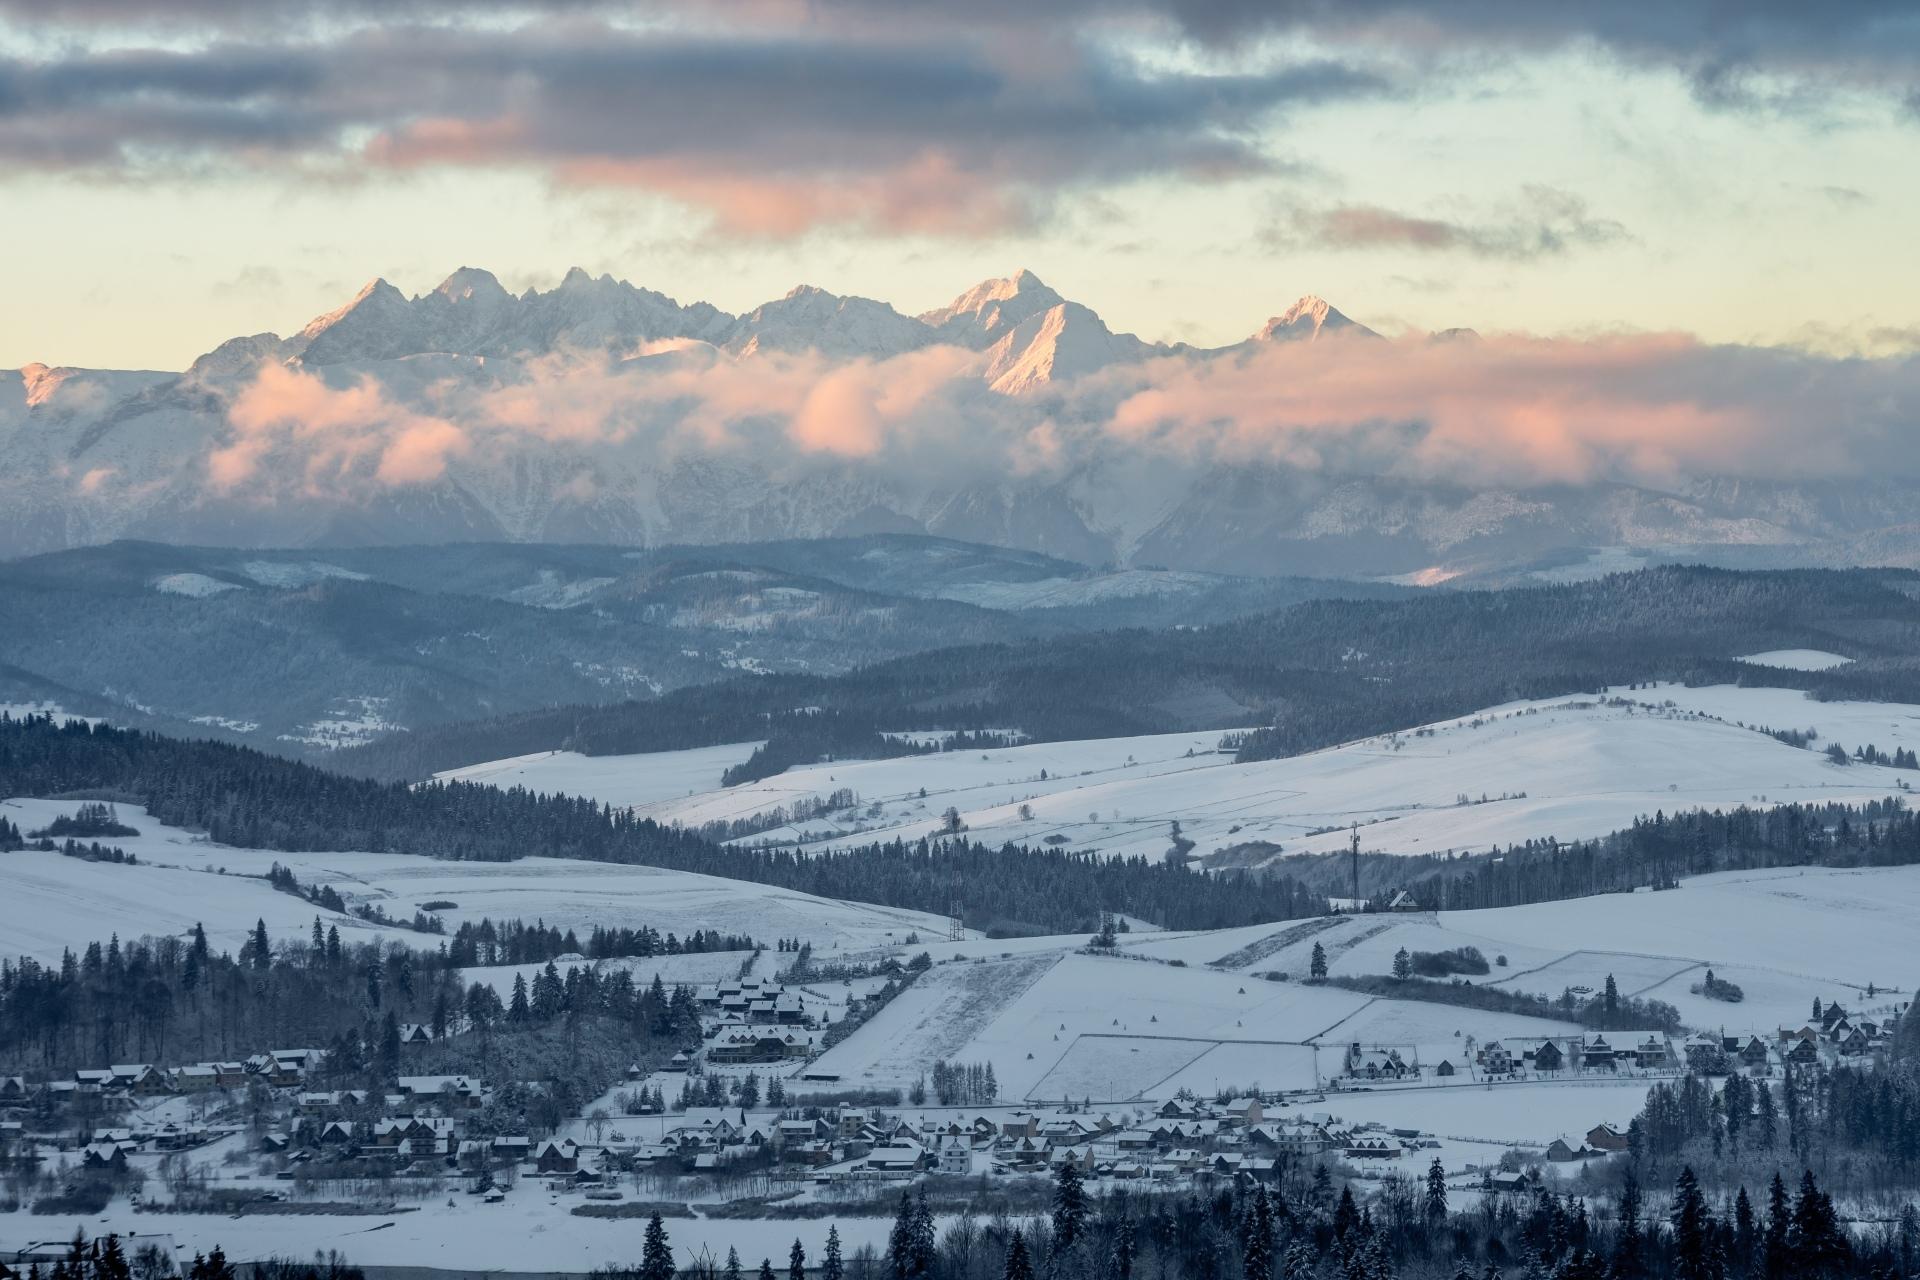 冬の朝のタトラ山脈 ポーランドの風景